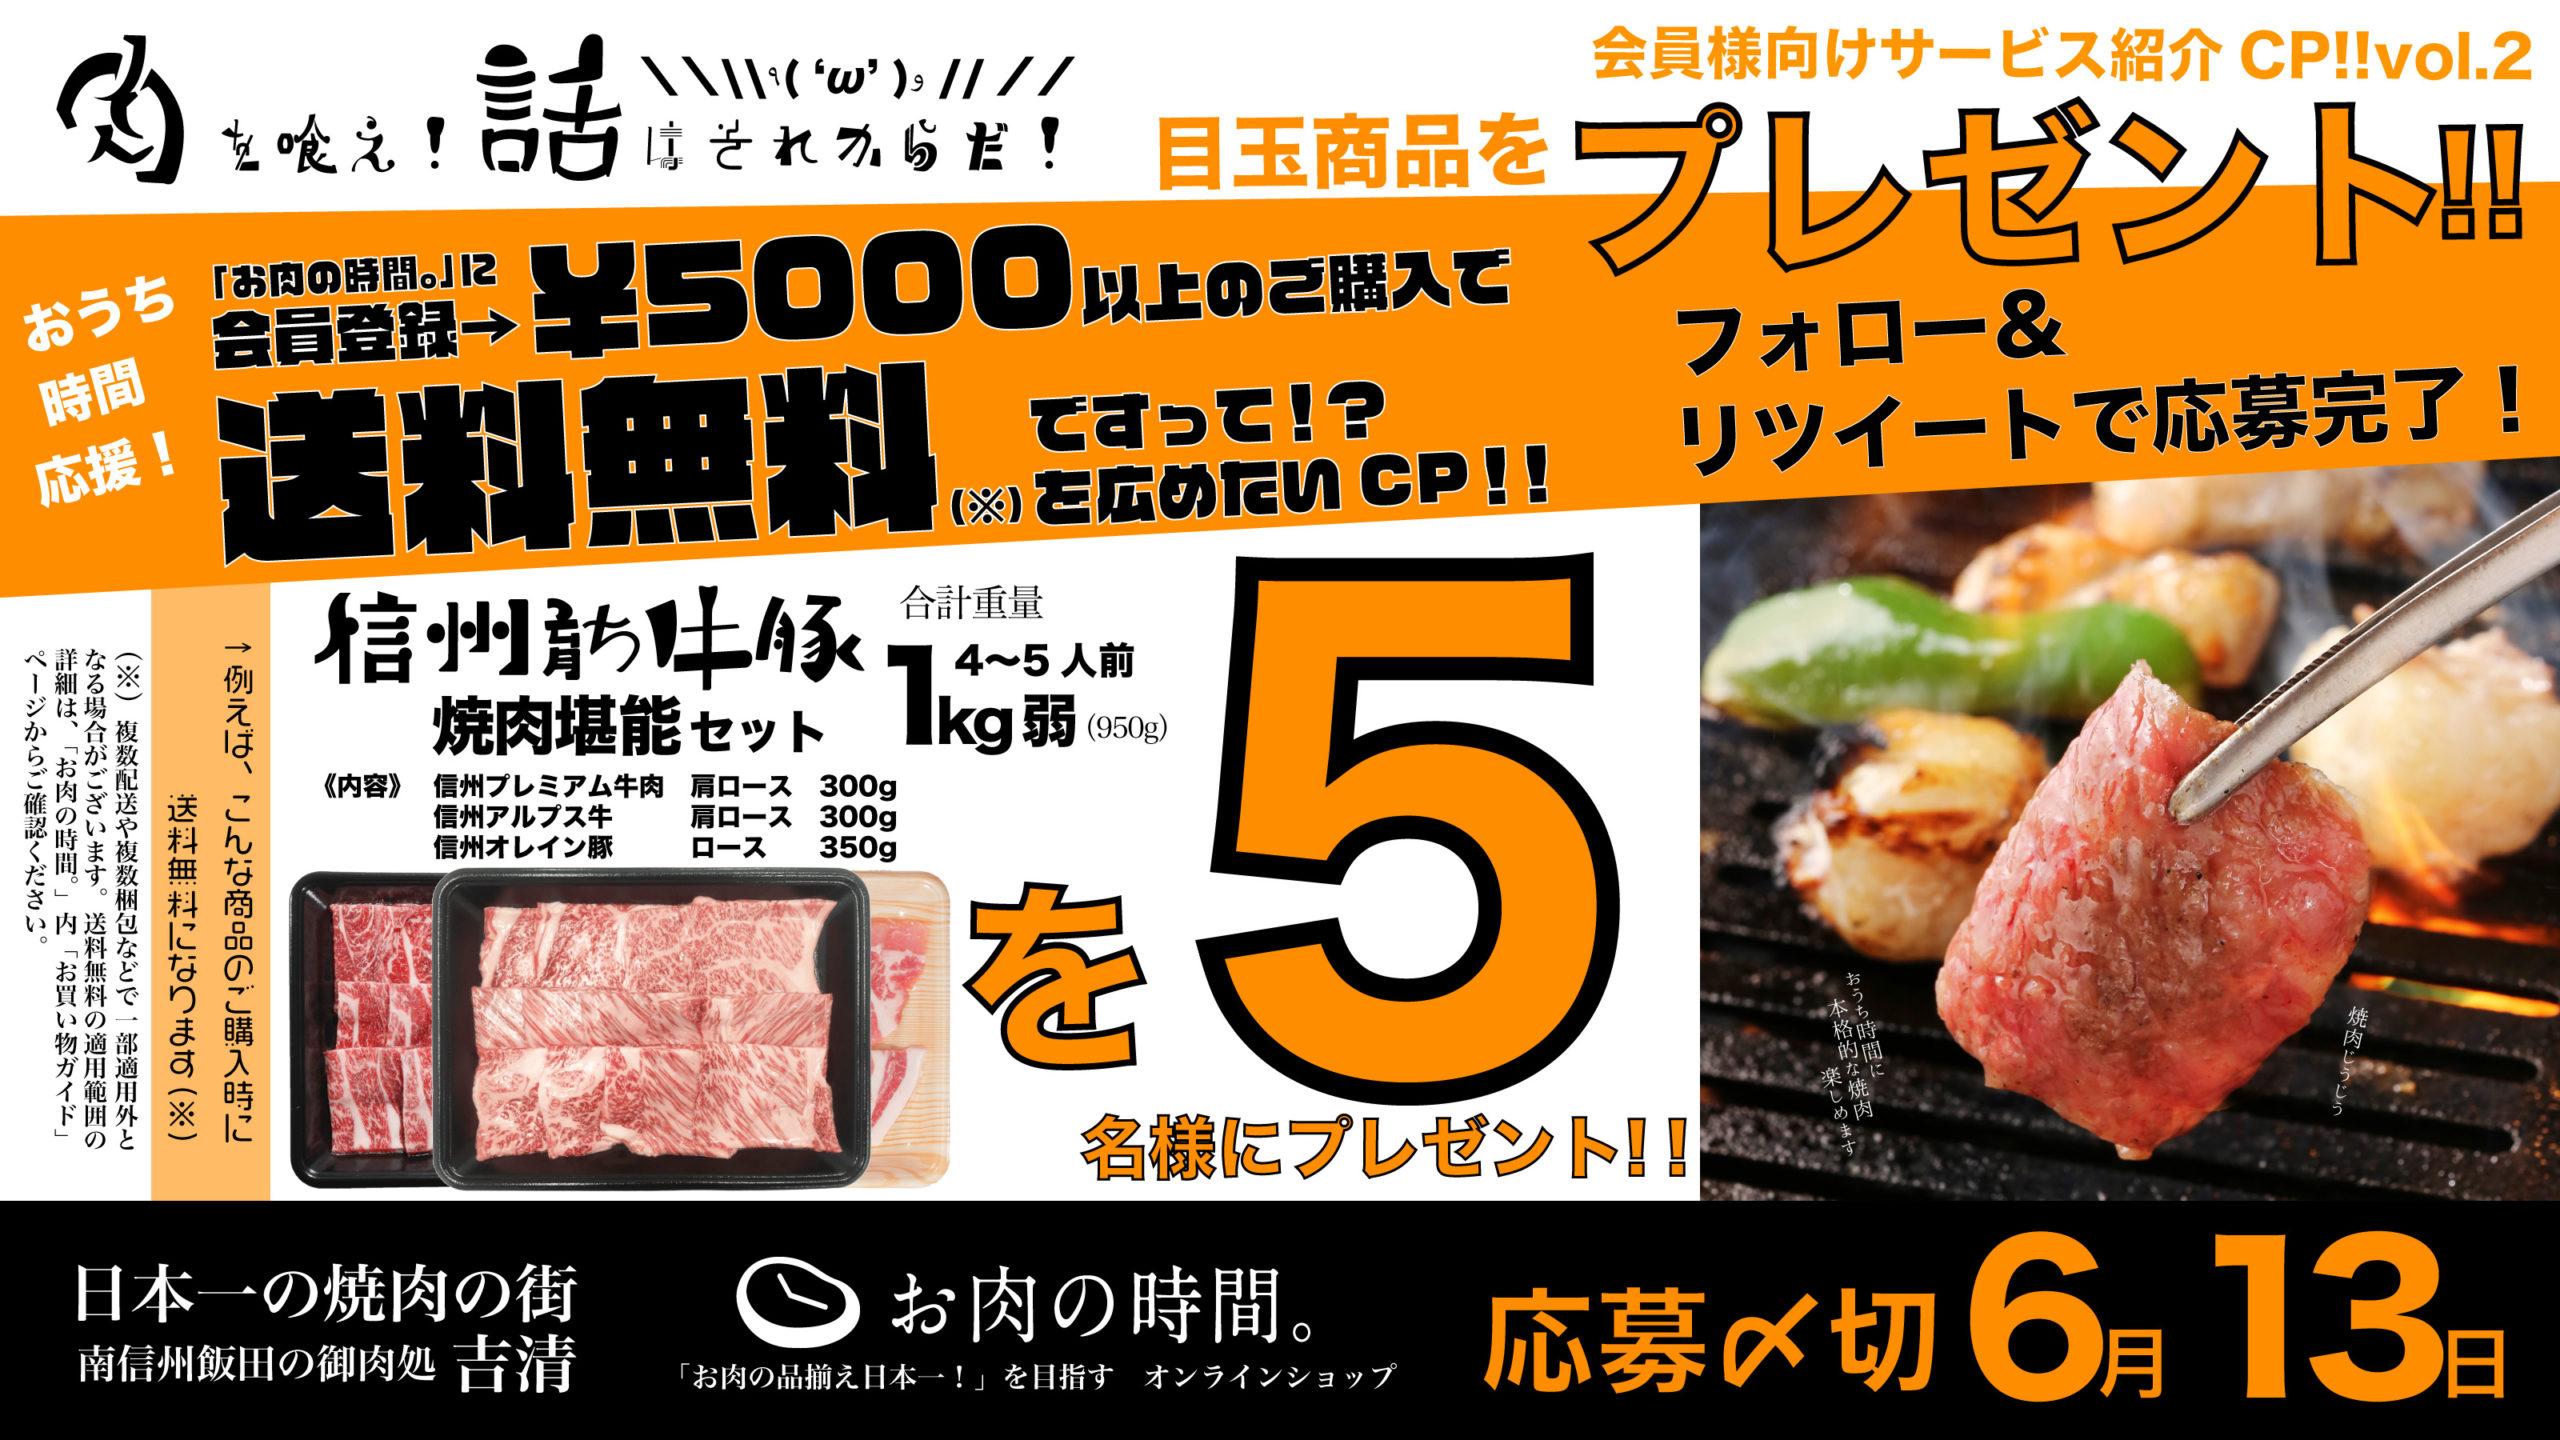 6/11正午より!会員登録→¥5000↑購入で送料無料ですって!?を広めたいCP!vol.2